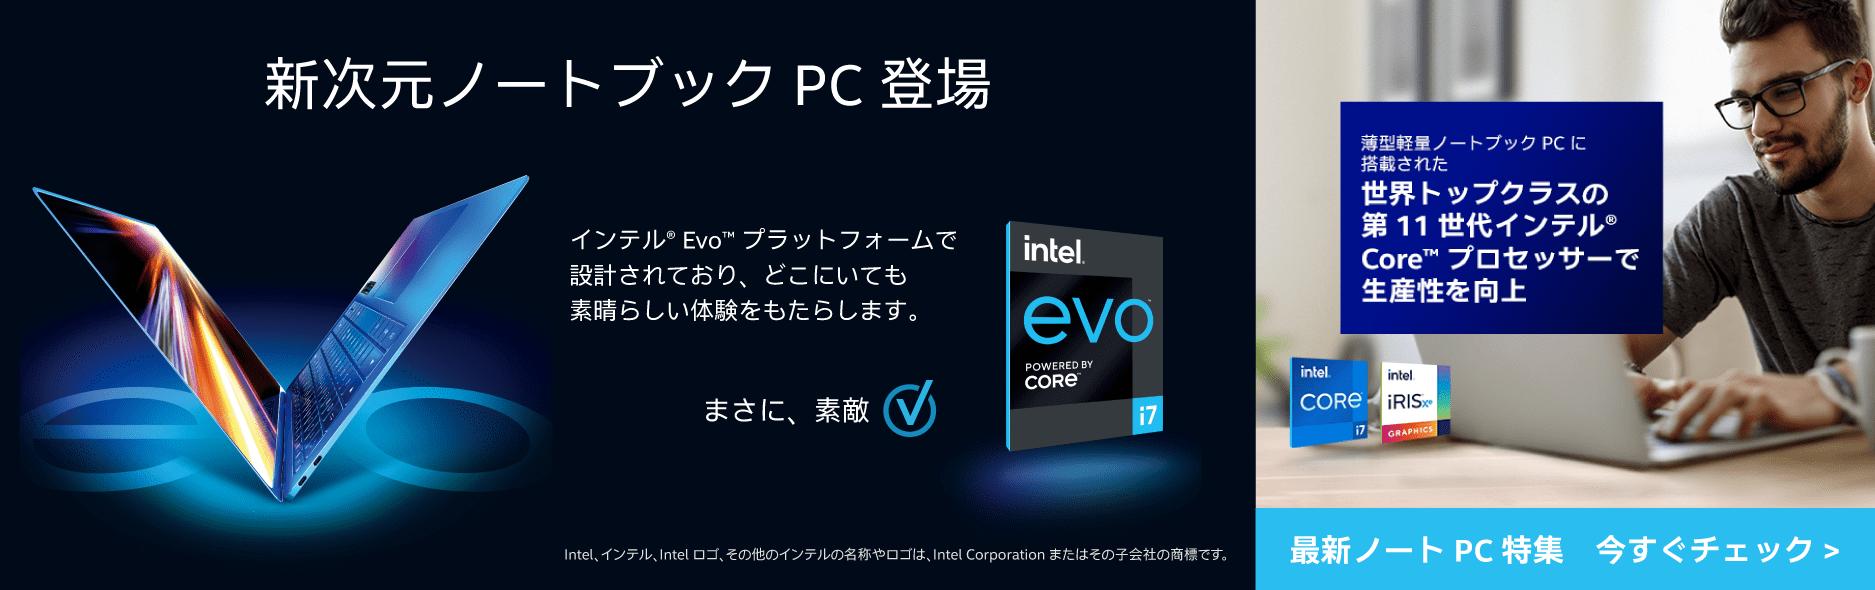 第11世代 インテル® Core™ 搭載PC